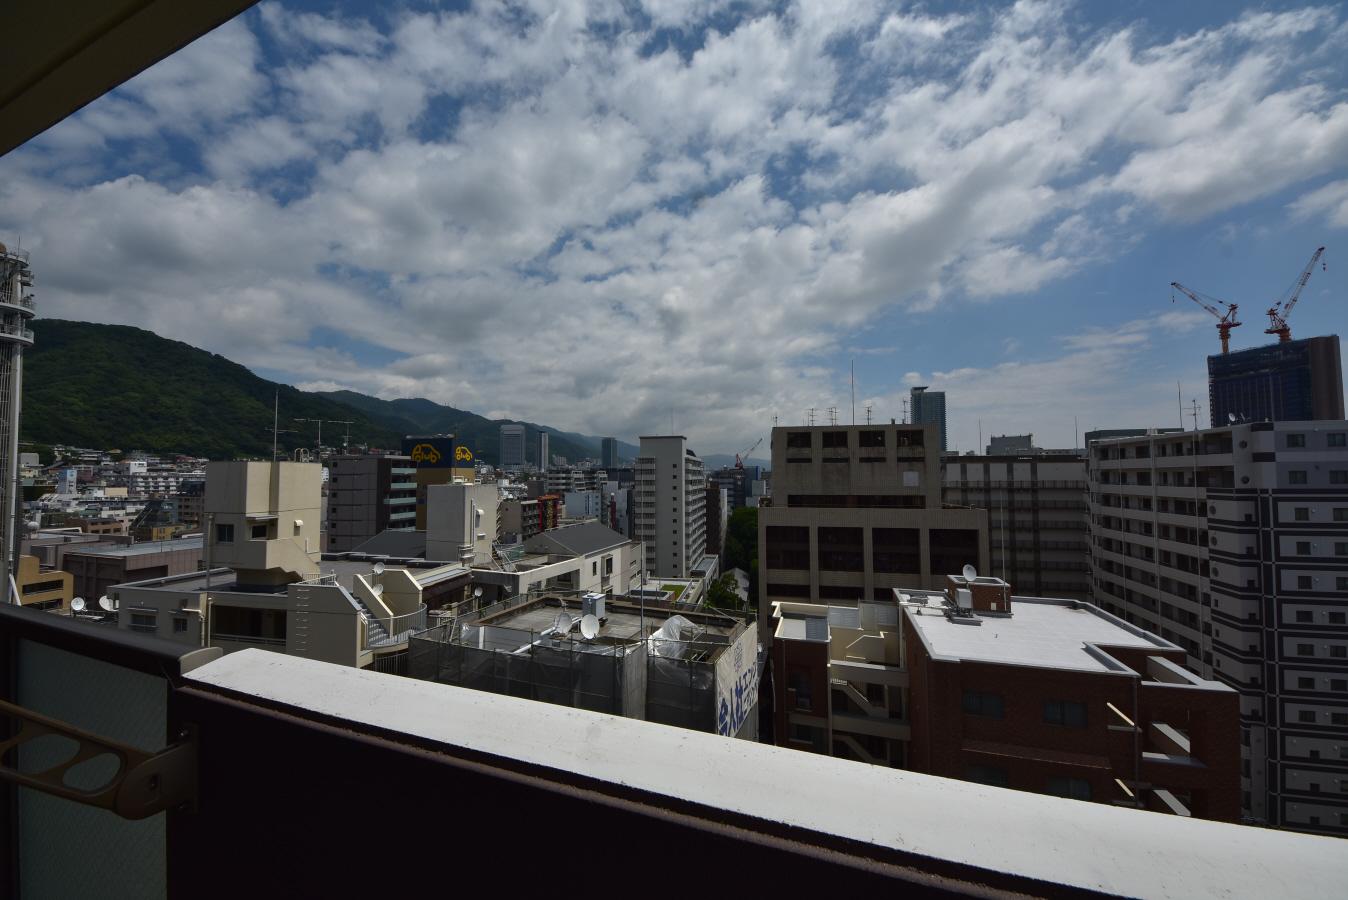 物件番号: 1025884045 ローレル・トアスクエア  神戸市中央区中山手通2丁目 1SLDK マンション 画像32